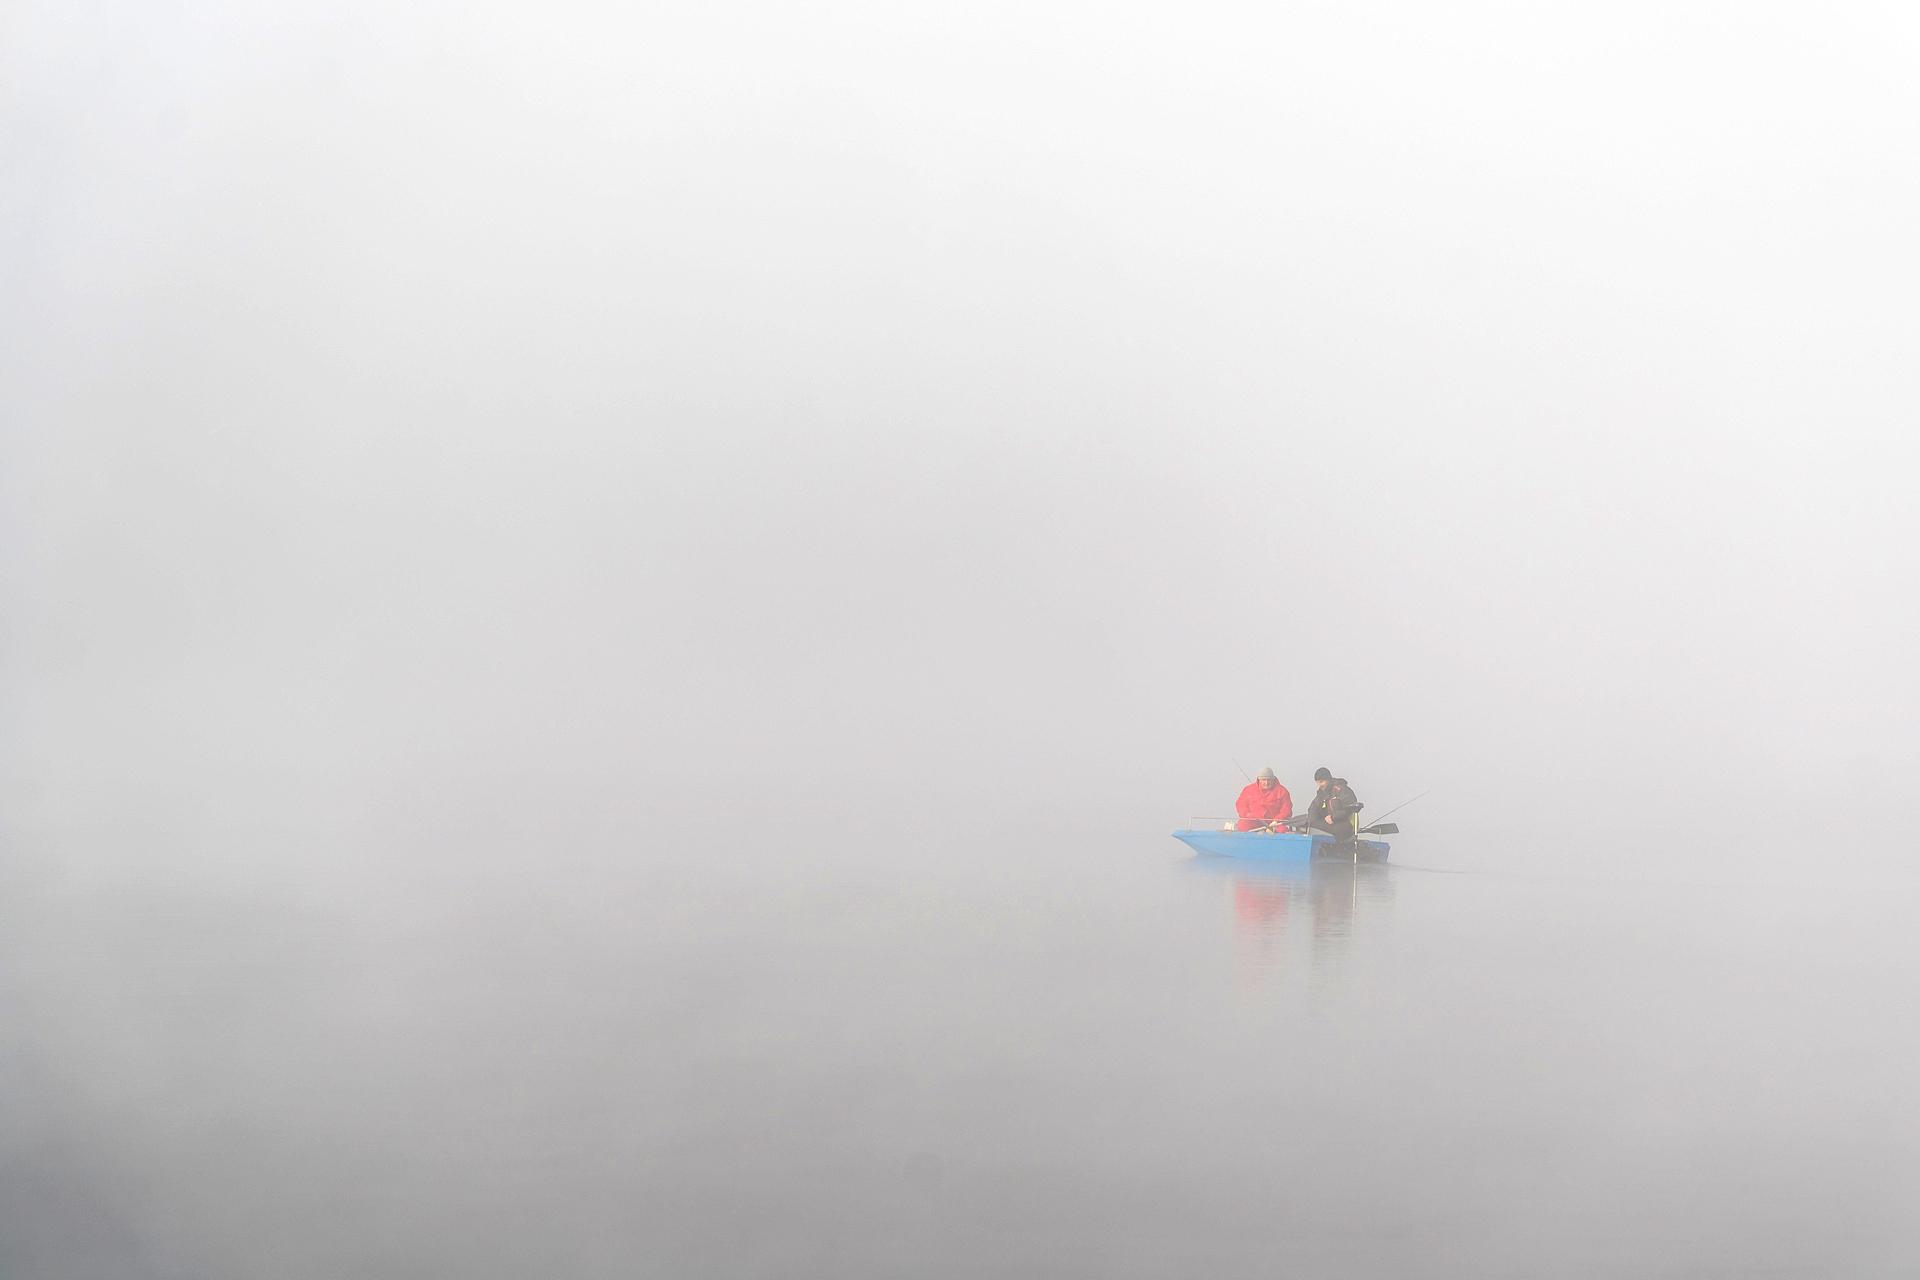 В мъгливи води | Author Julius | PHOTO FORUM